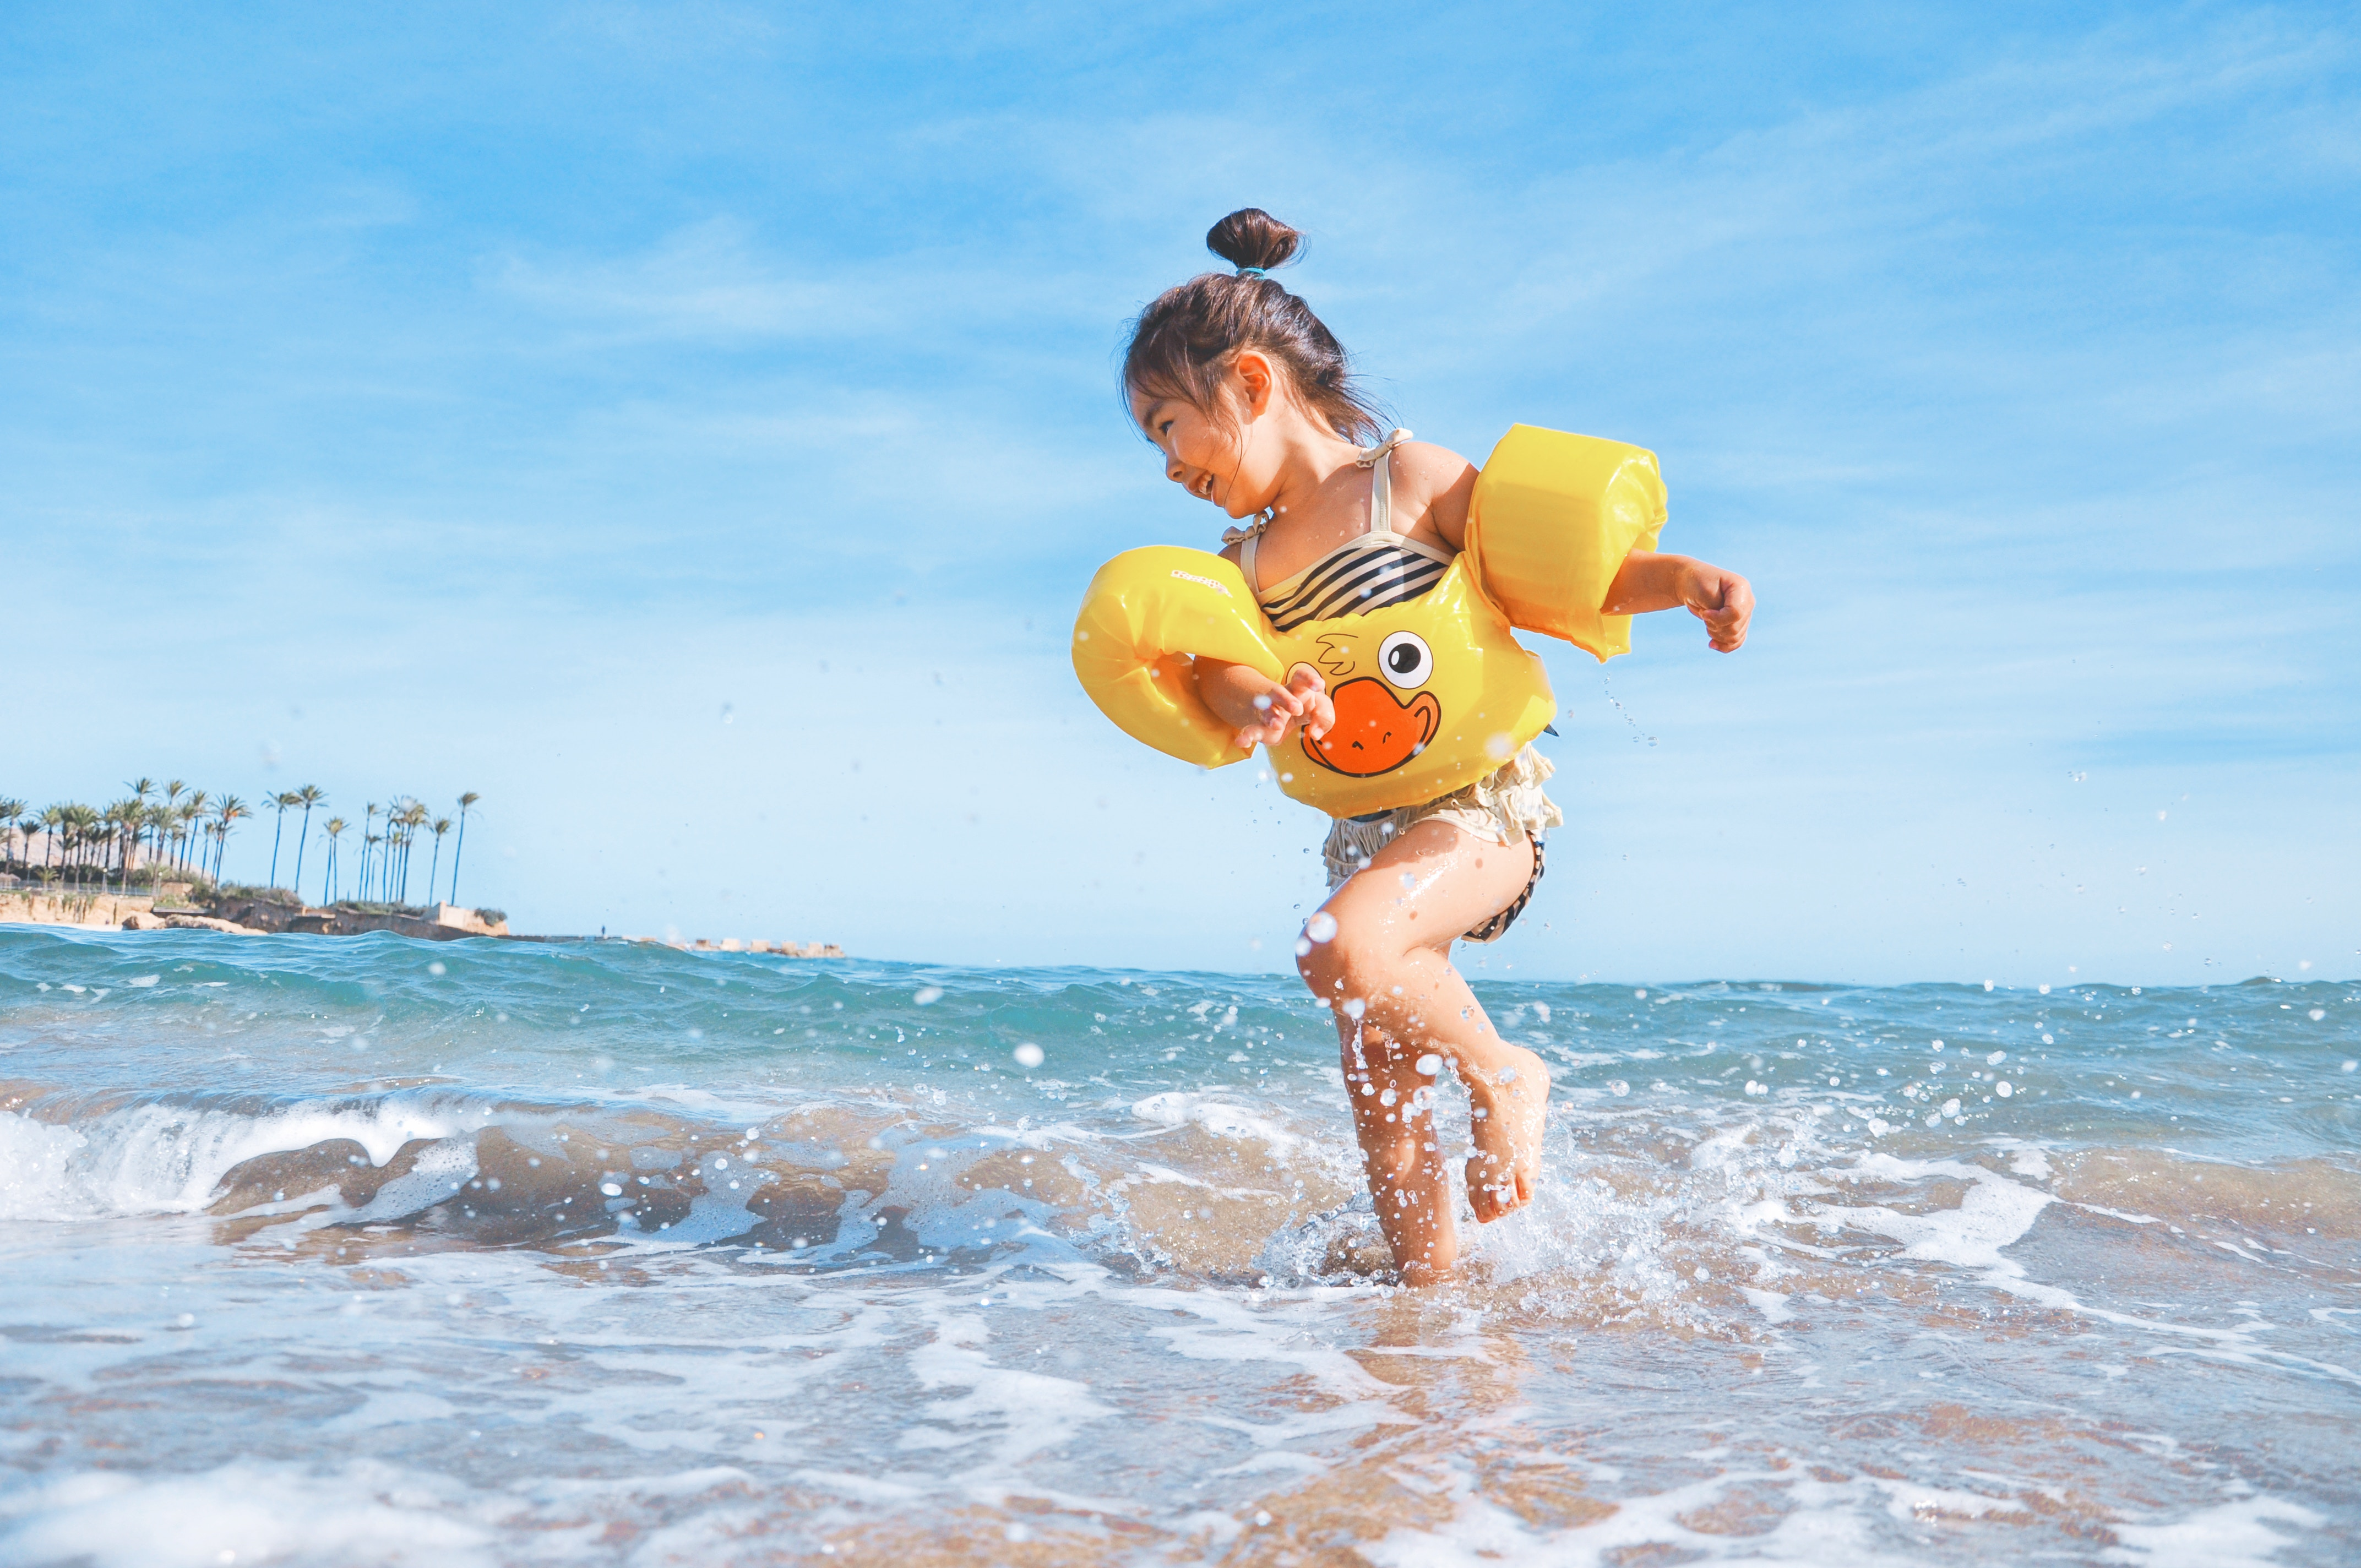 Kind Kleinkind Urlaub Sonne Plamen Strandurlaub Foto:Leo Rivas bei Unsplash